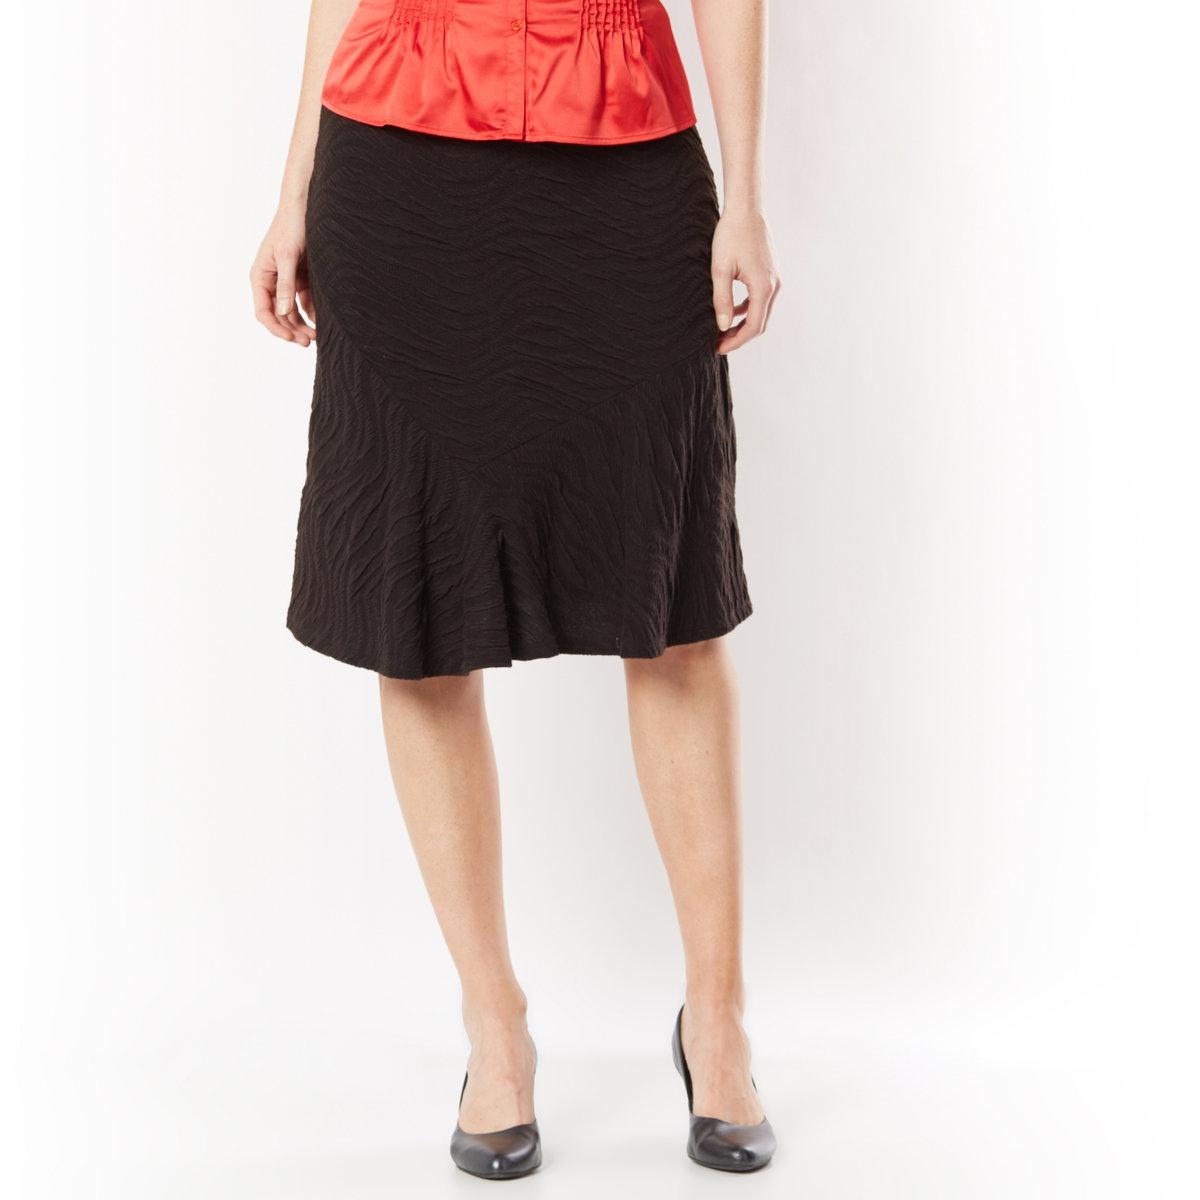 Юбка из рельефного трикотажаКомфорт эластичного пояса. Сочетание вытачек спереди и сзади для красивого движения юбки. Длина ок. 64 см. Трикотаж, 97% полиэстера, 3% эластана.<br><br>Цвет: черный<br>Размер: 48 (FR) - 54 (RUS).50 (FR) - 56 (RUS)